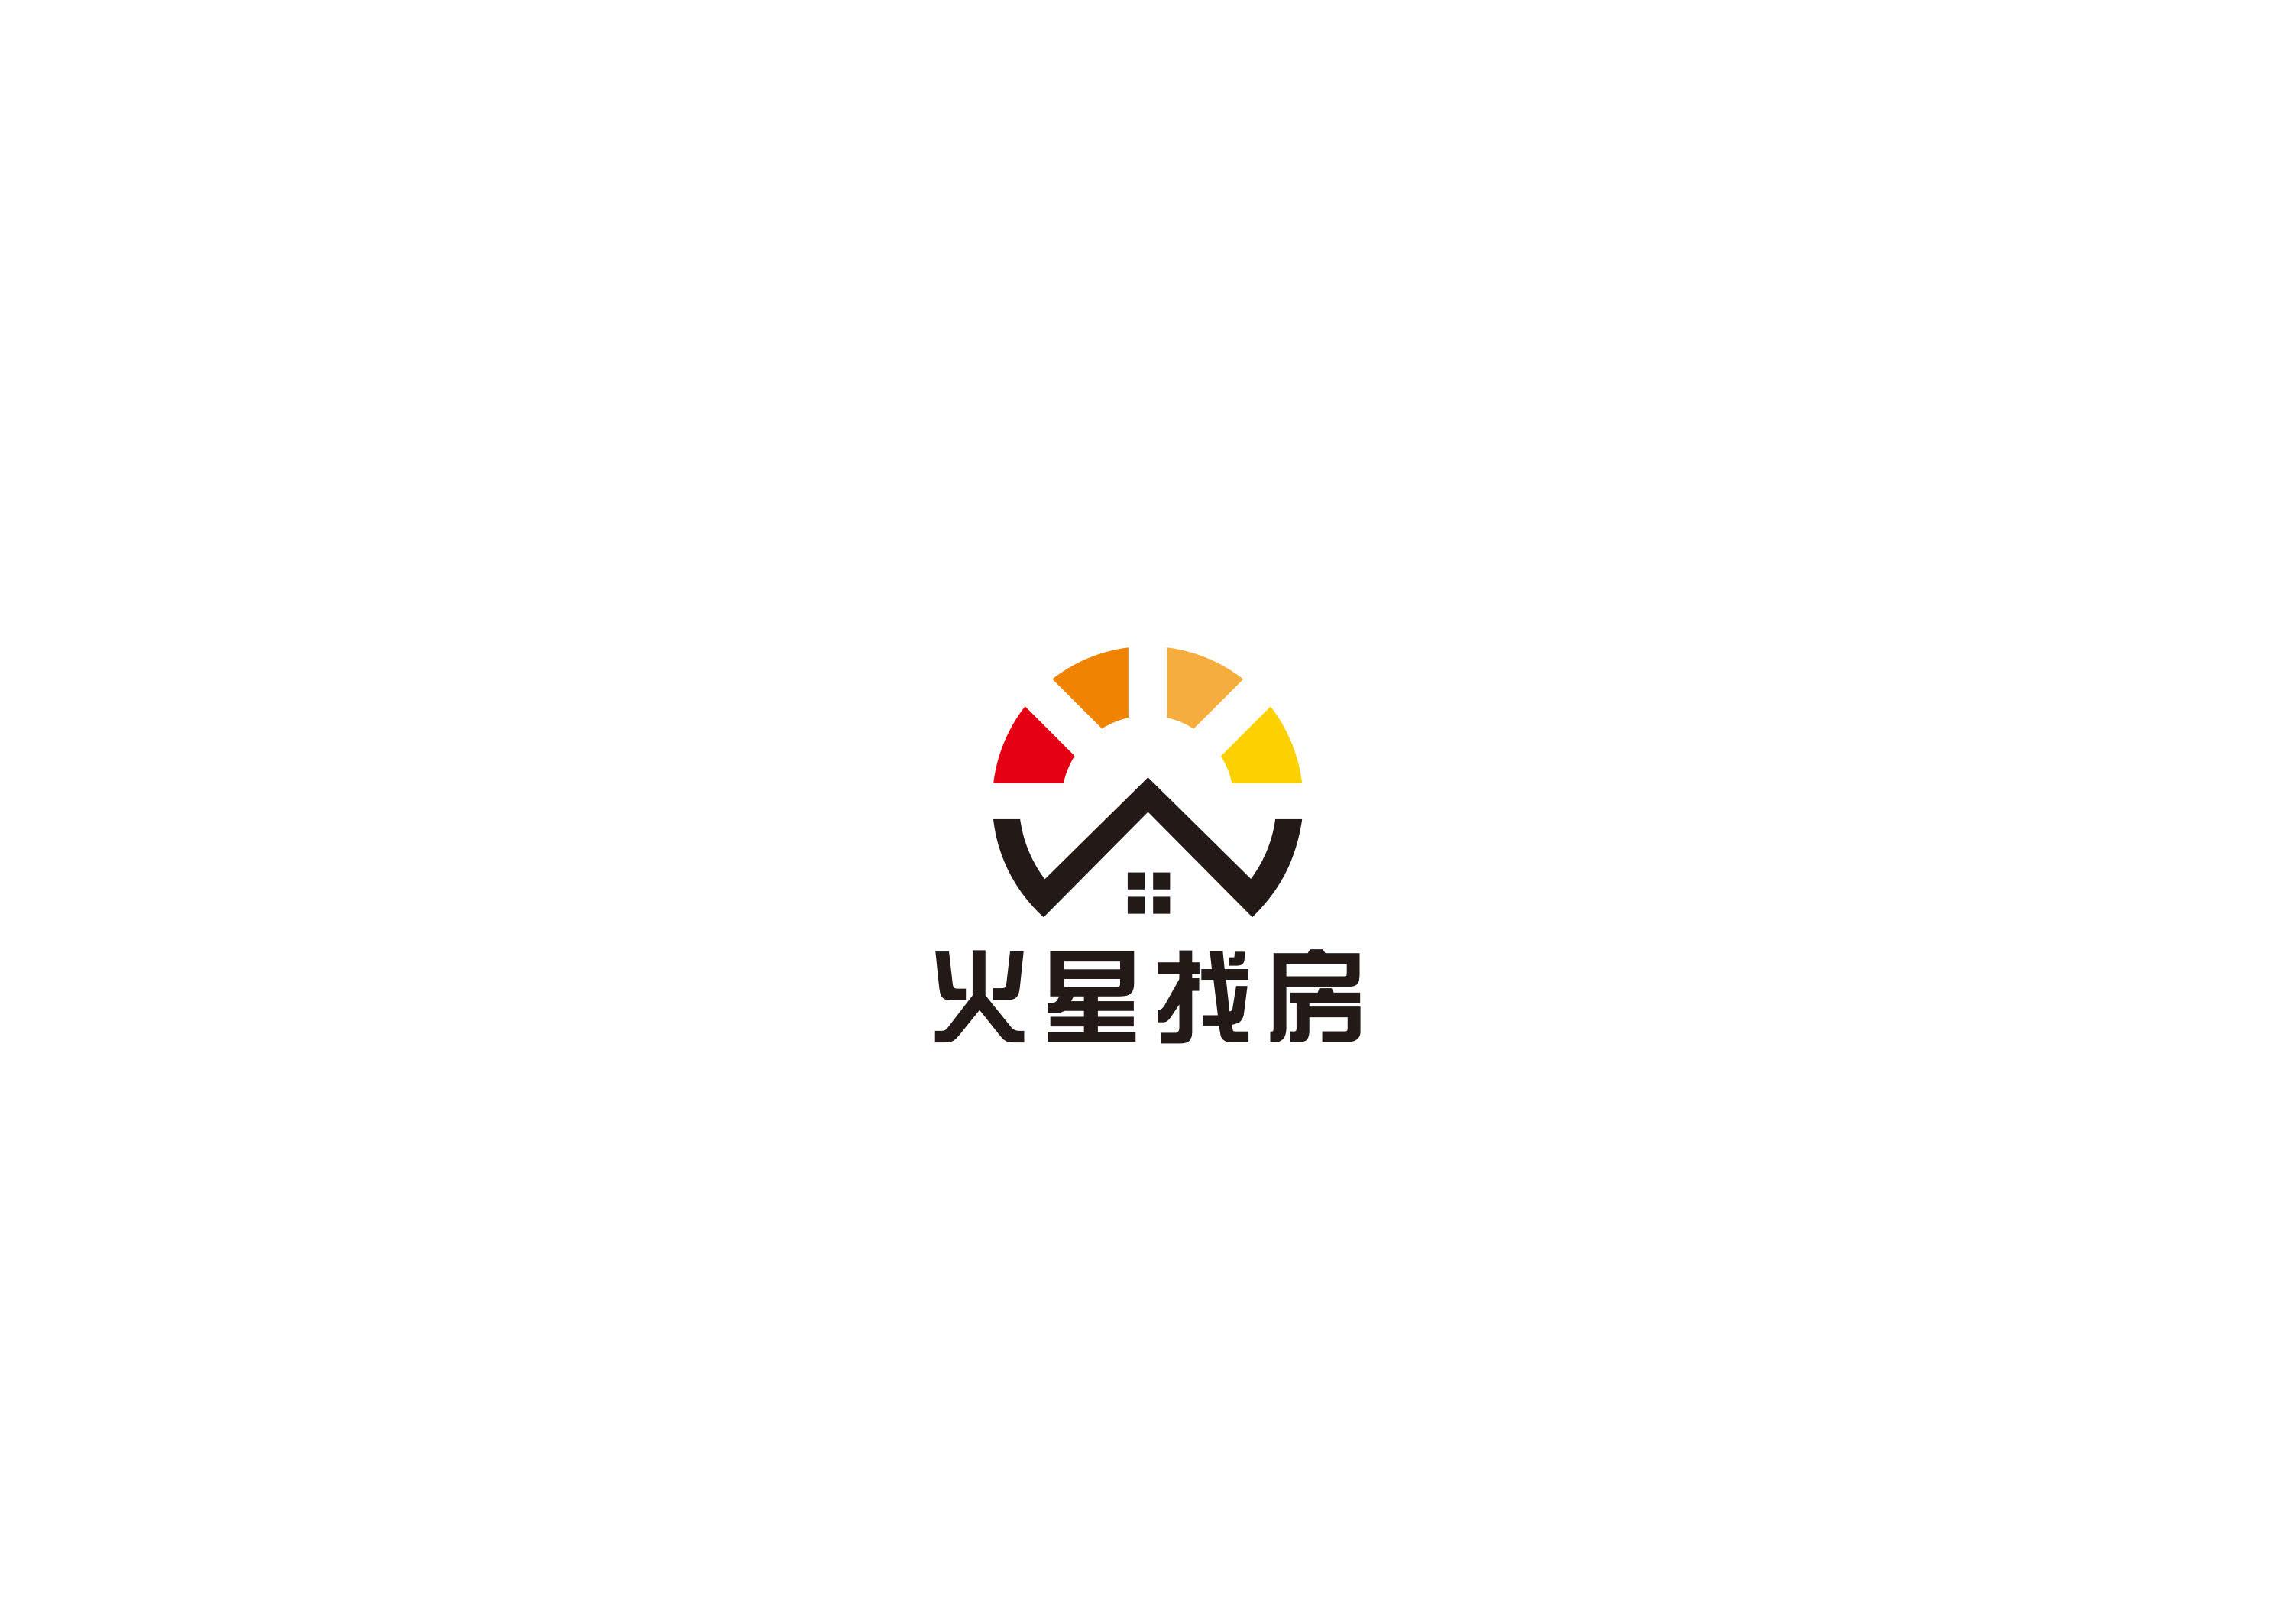 青島火星找房房產經紀有限公司1